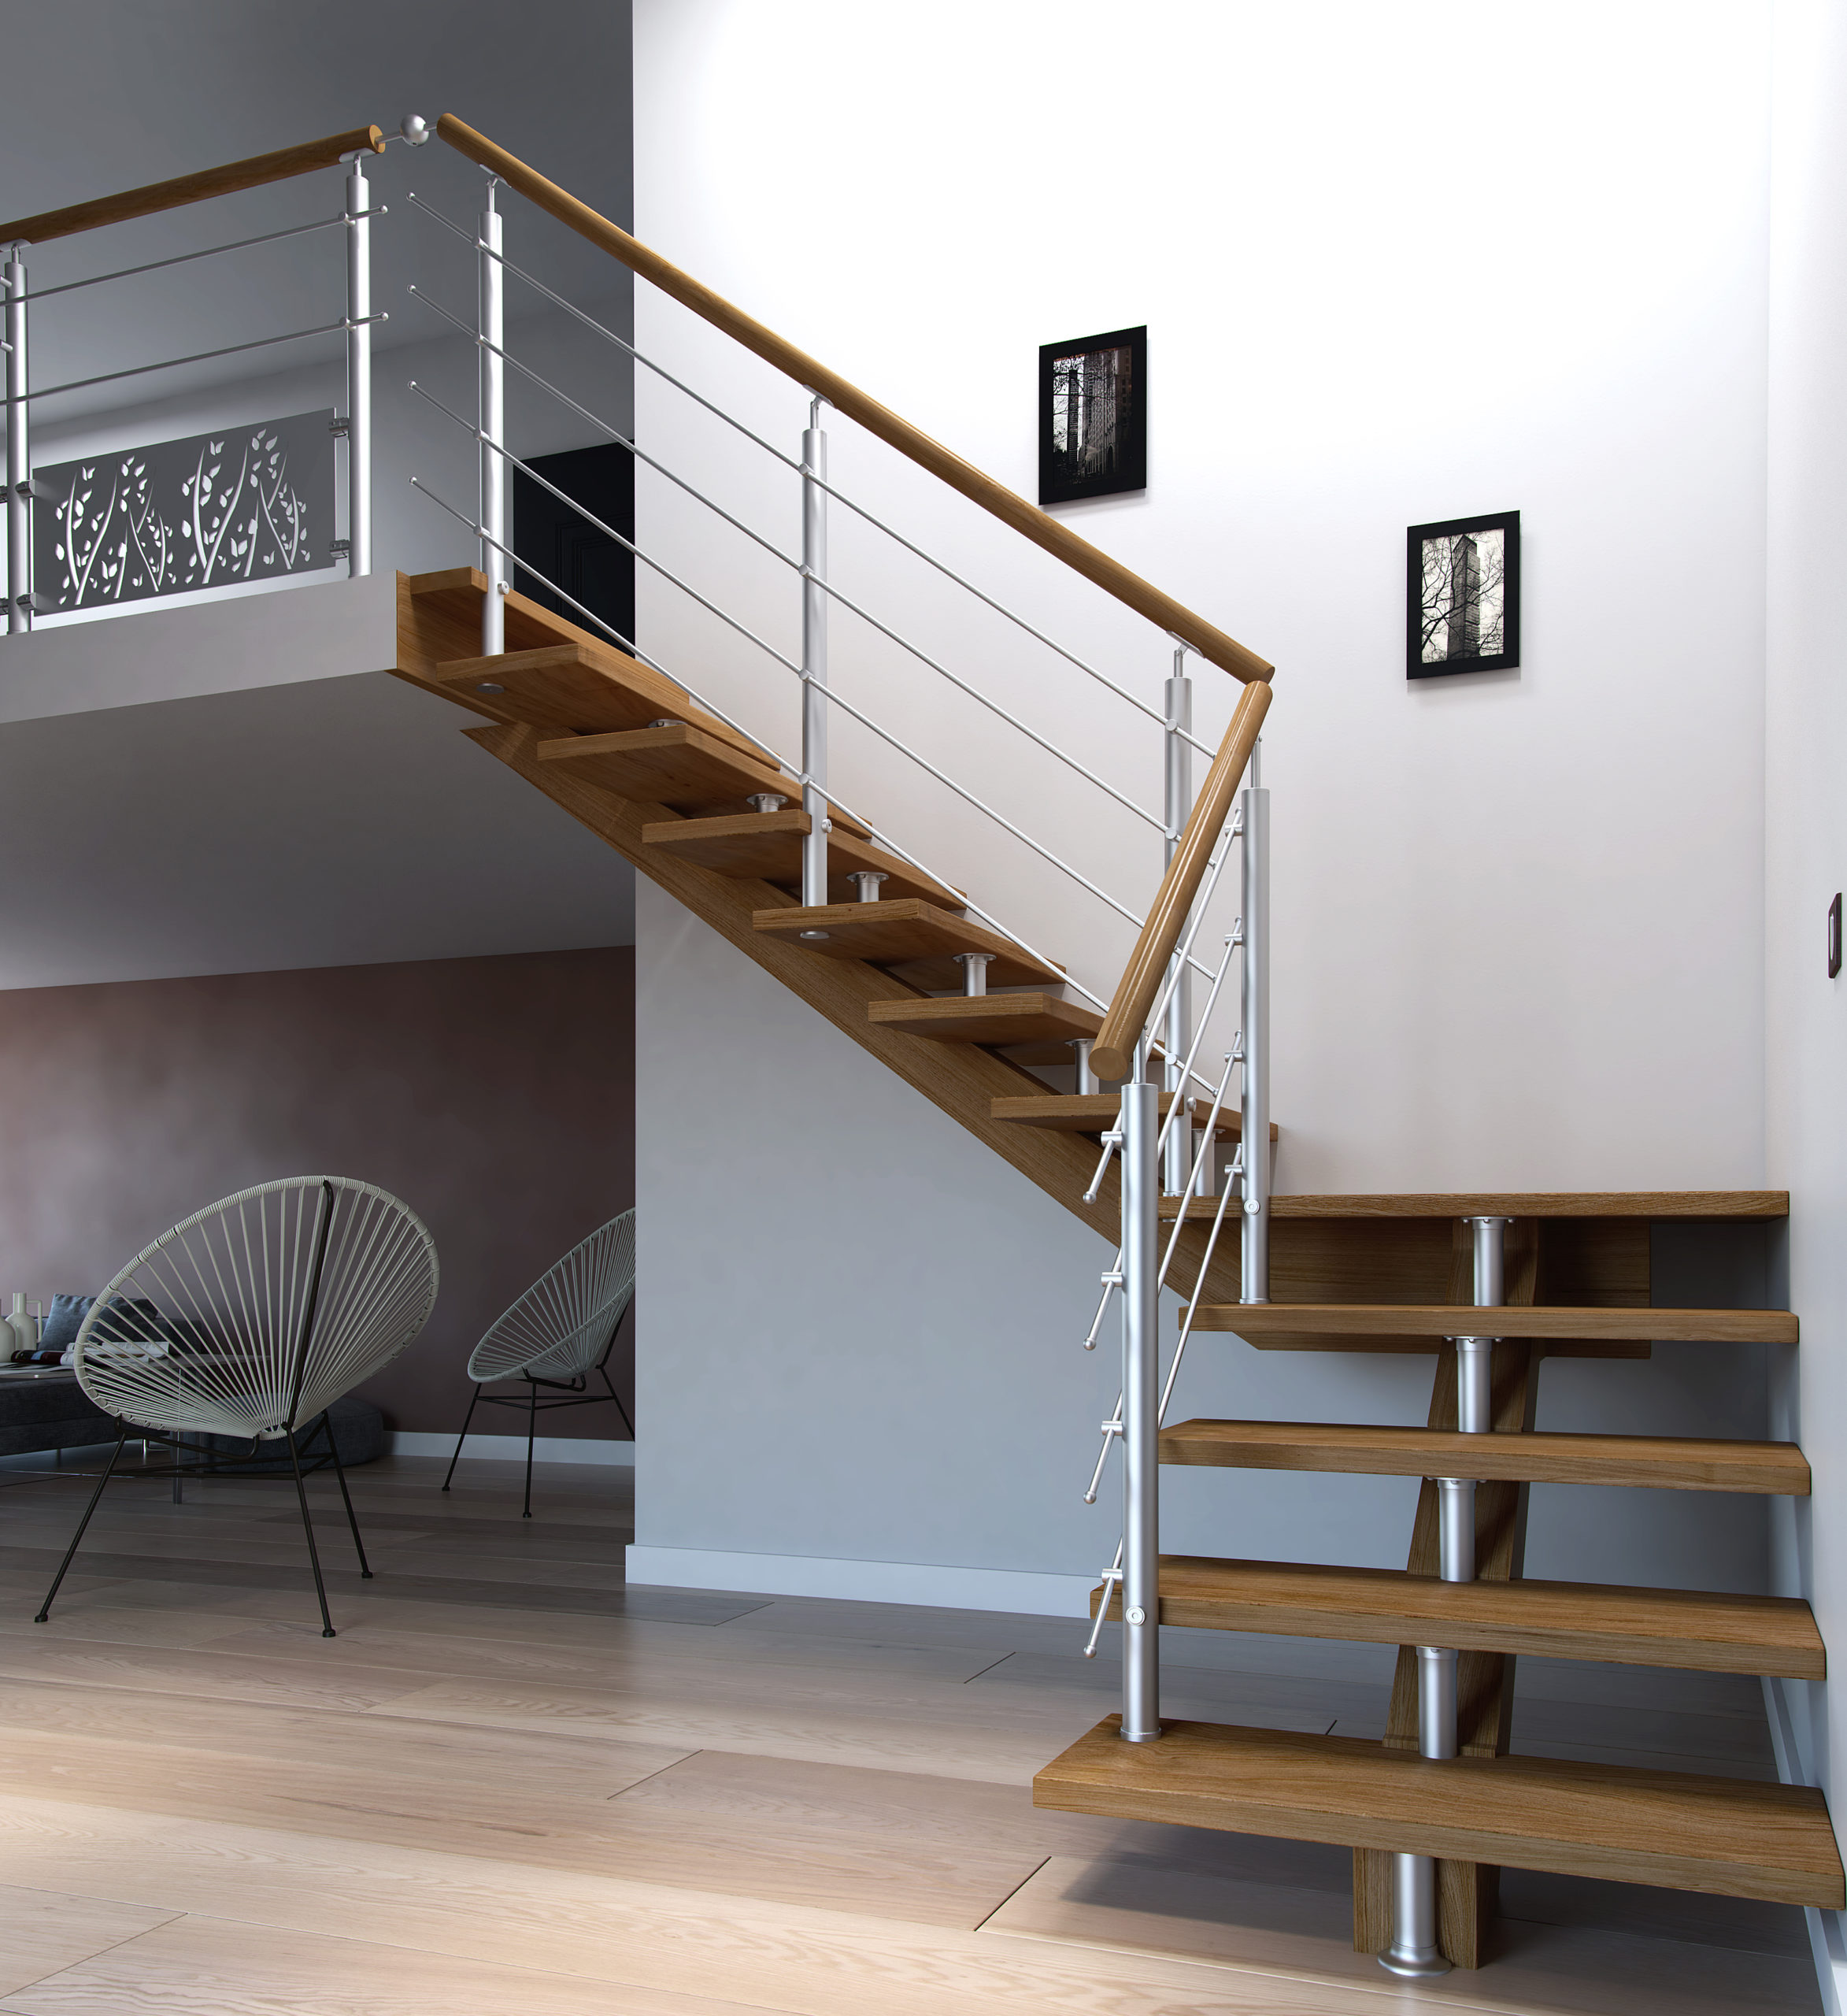 Escalier Pegase